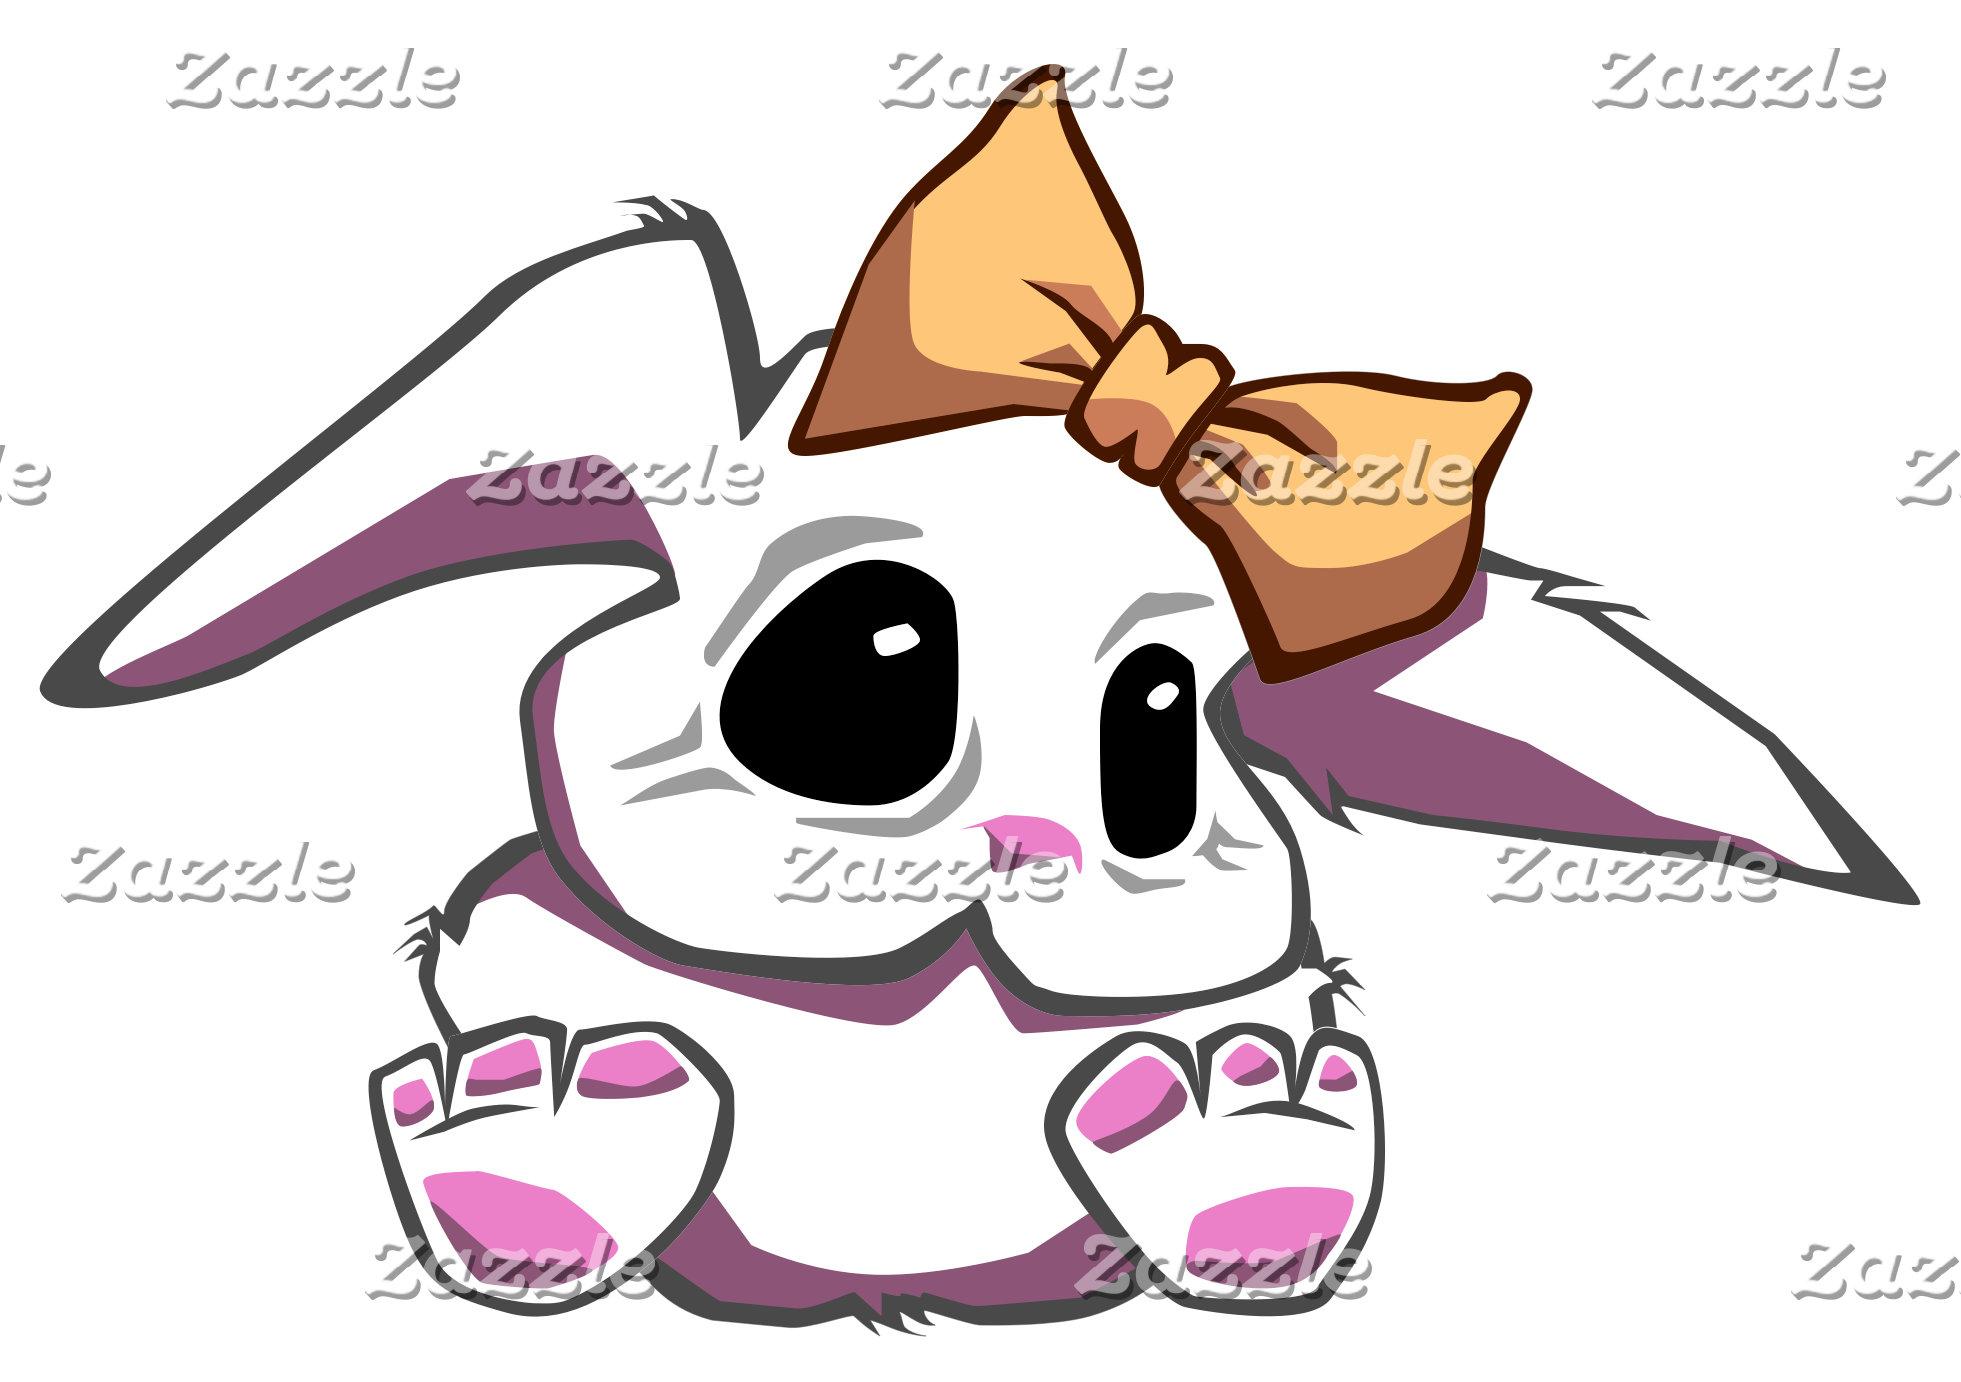 Bunny - a girl